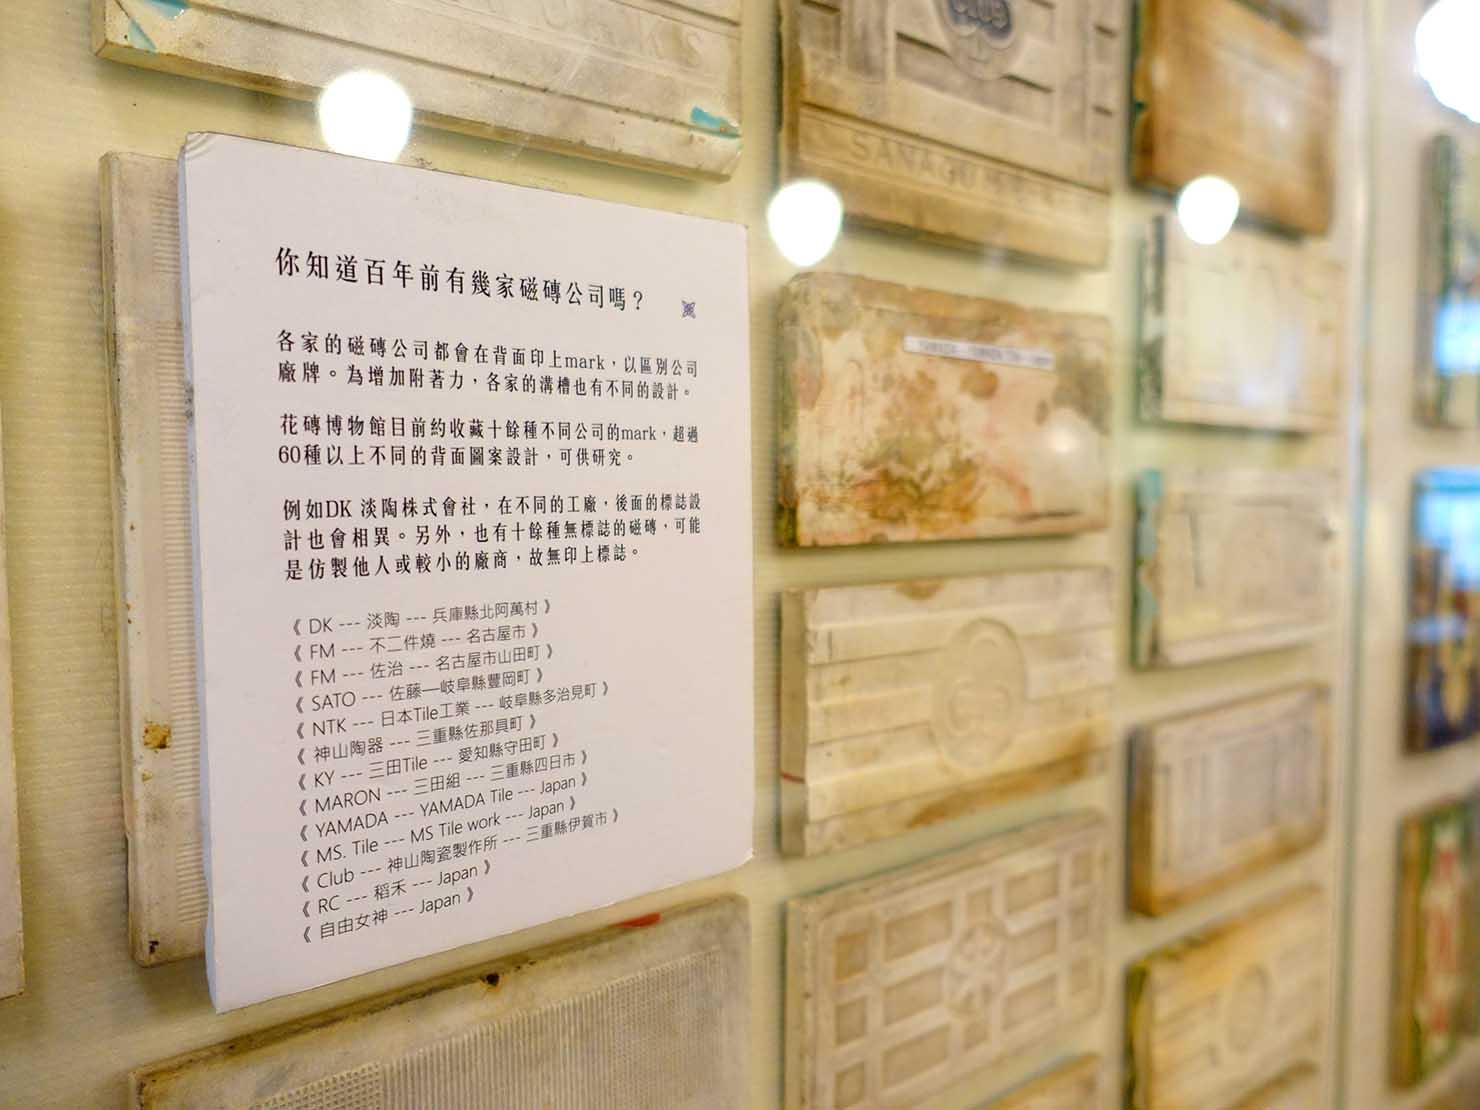 嘉義のおすすめ観光スポット「台灣花磚博物館」に展示された昔のタイル